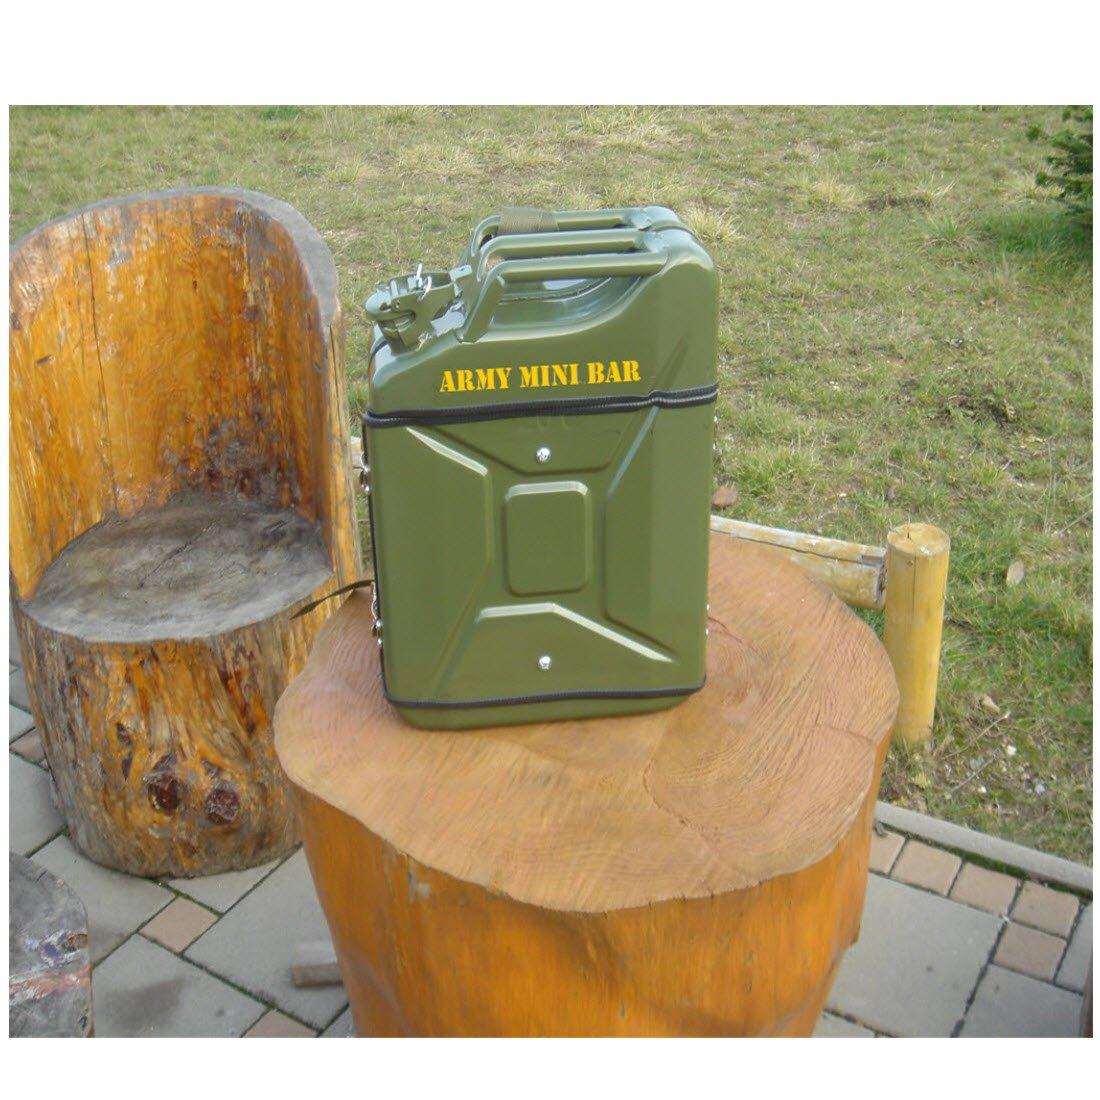 ARGENT Jerry can military mini bar: Amazon.de: Sport & Freizeit